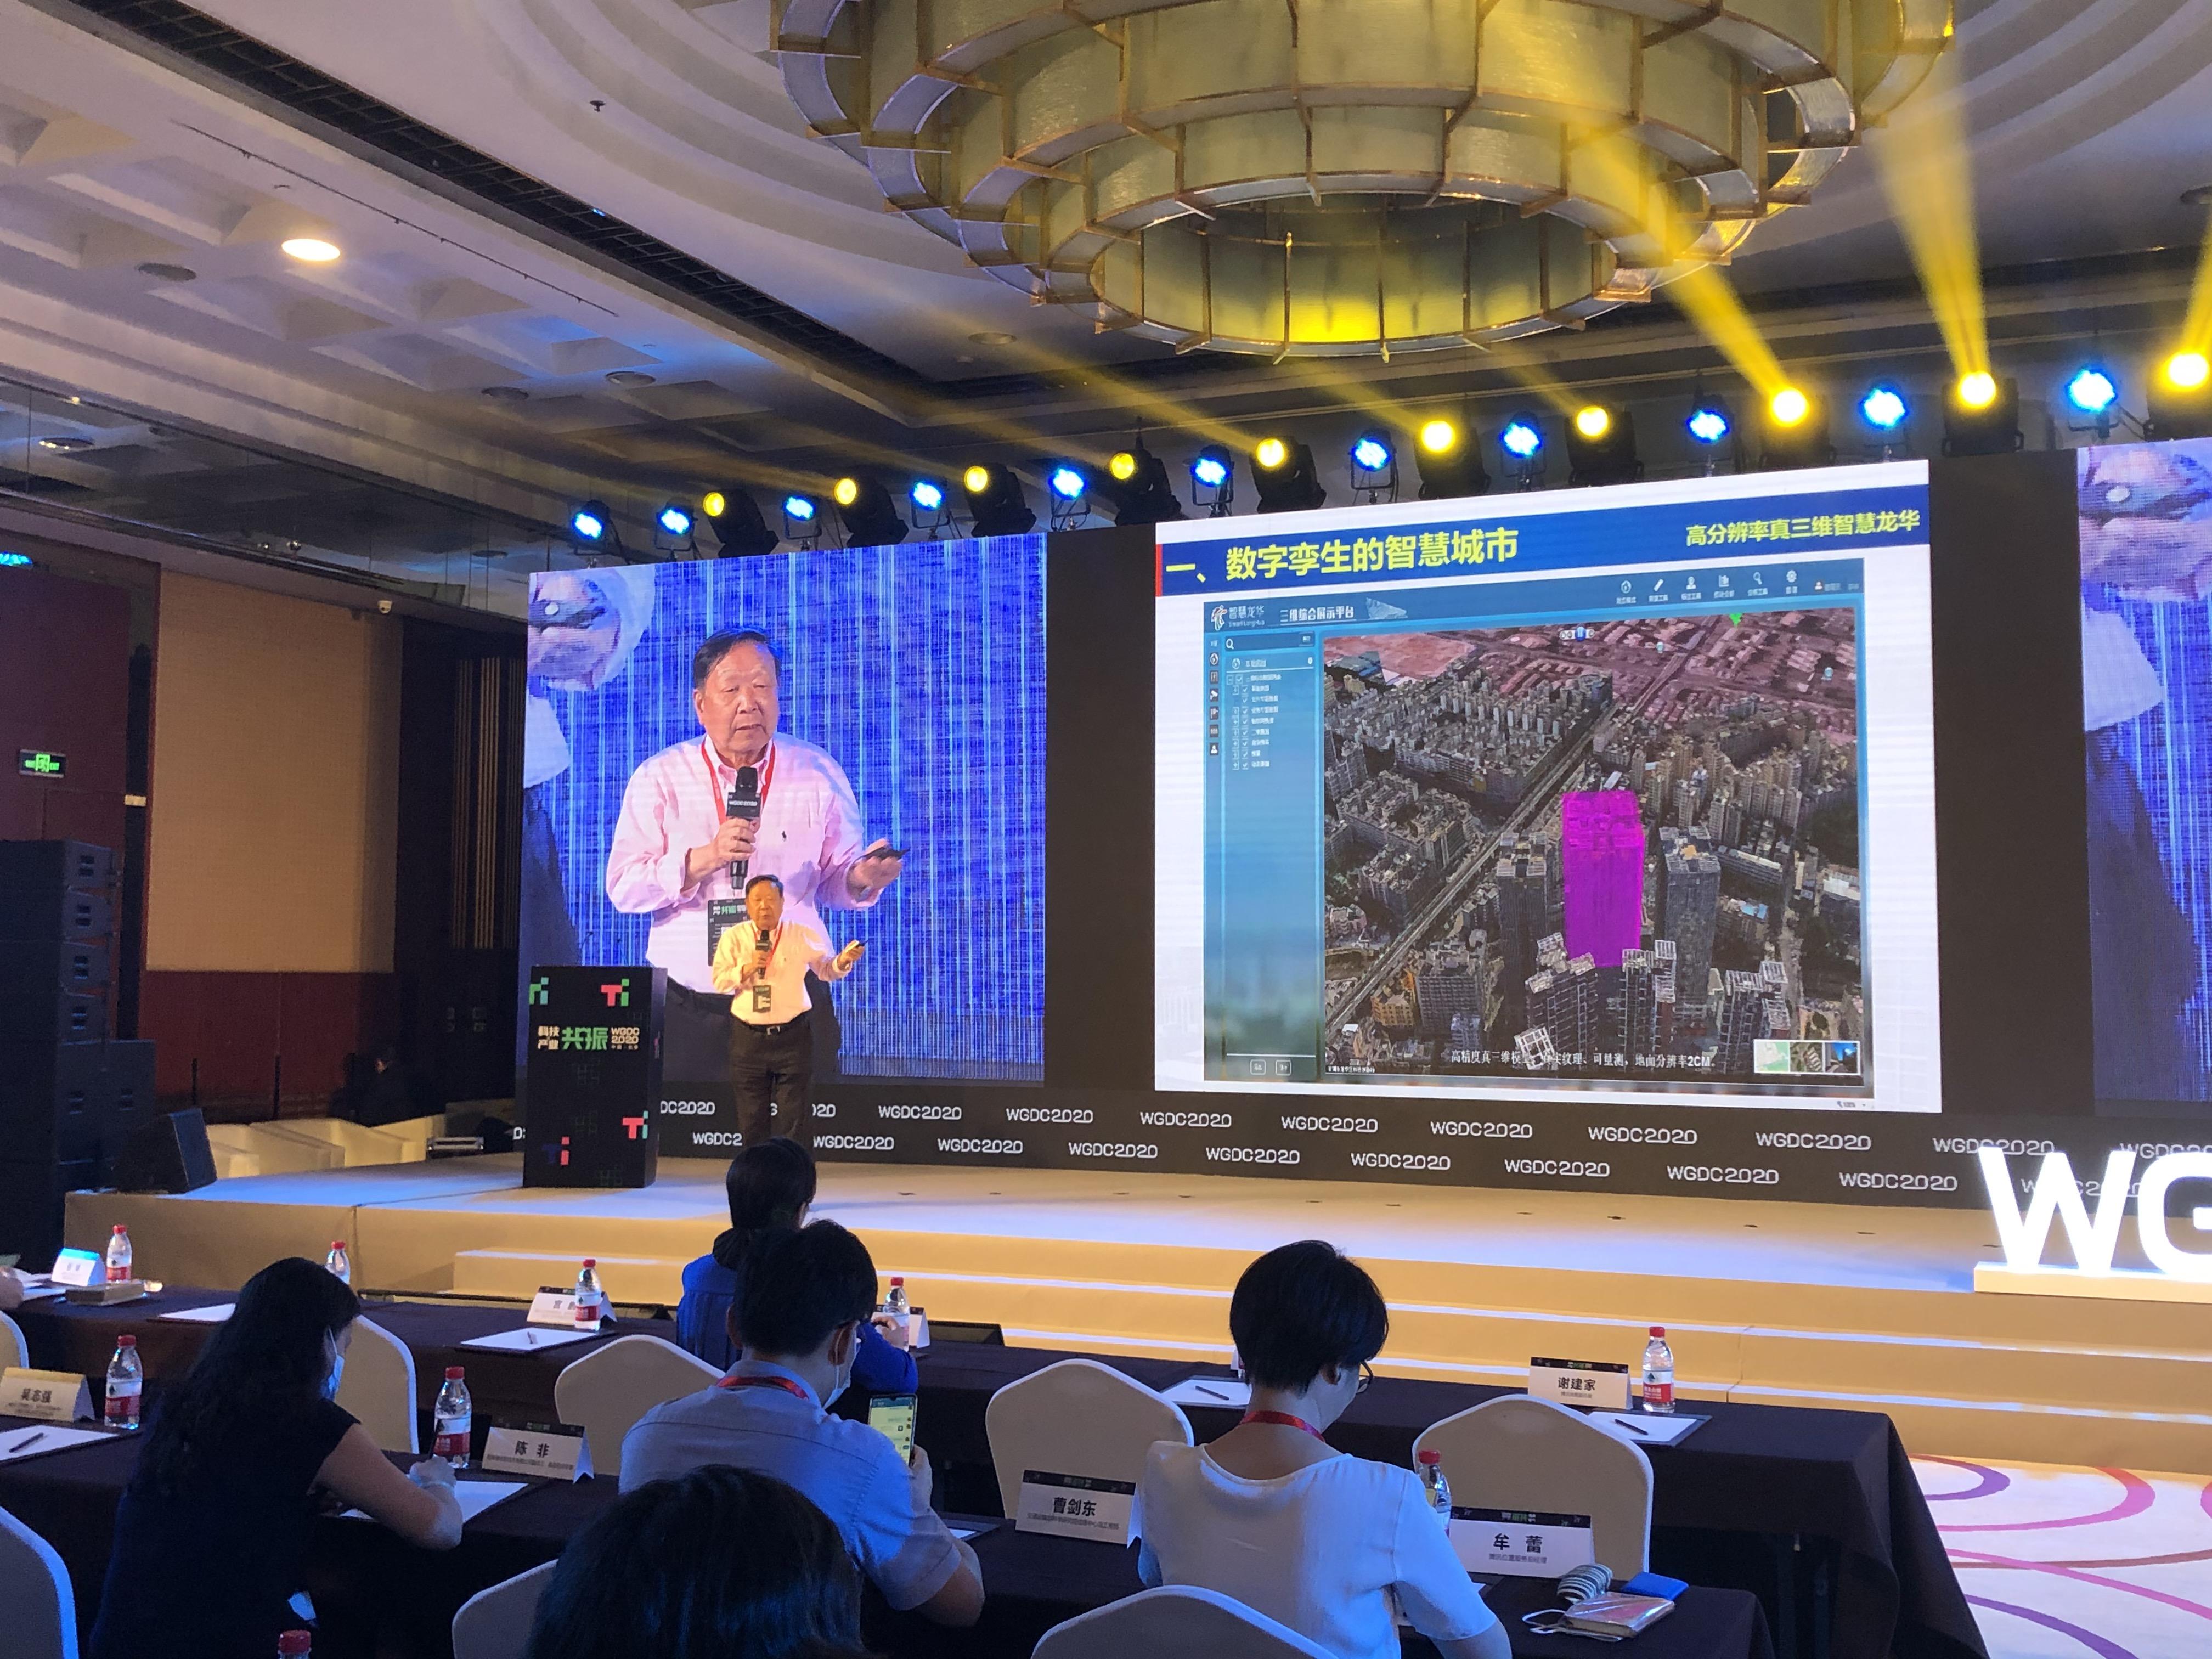 中国科学院、中国工程院院士李德仁在全球地理信息开发者大会(WGDC2020)上发言